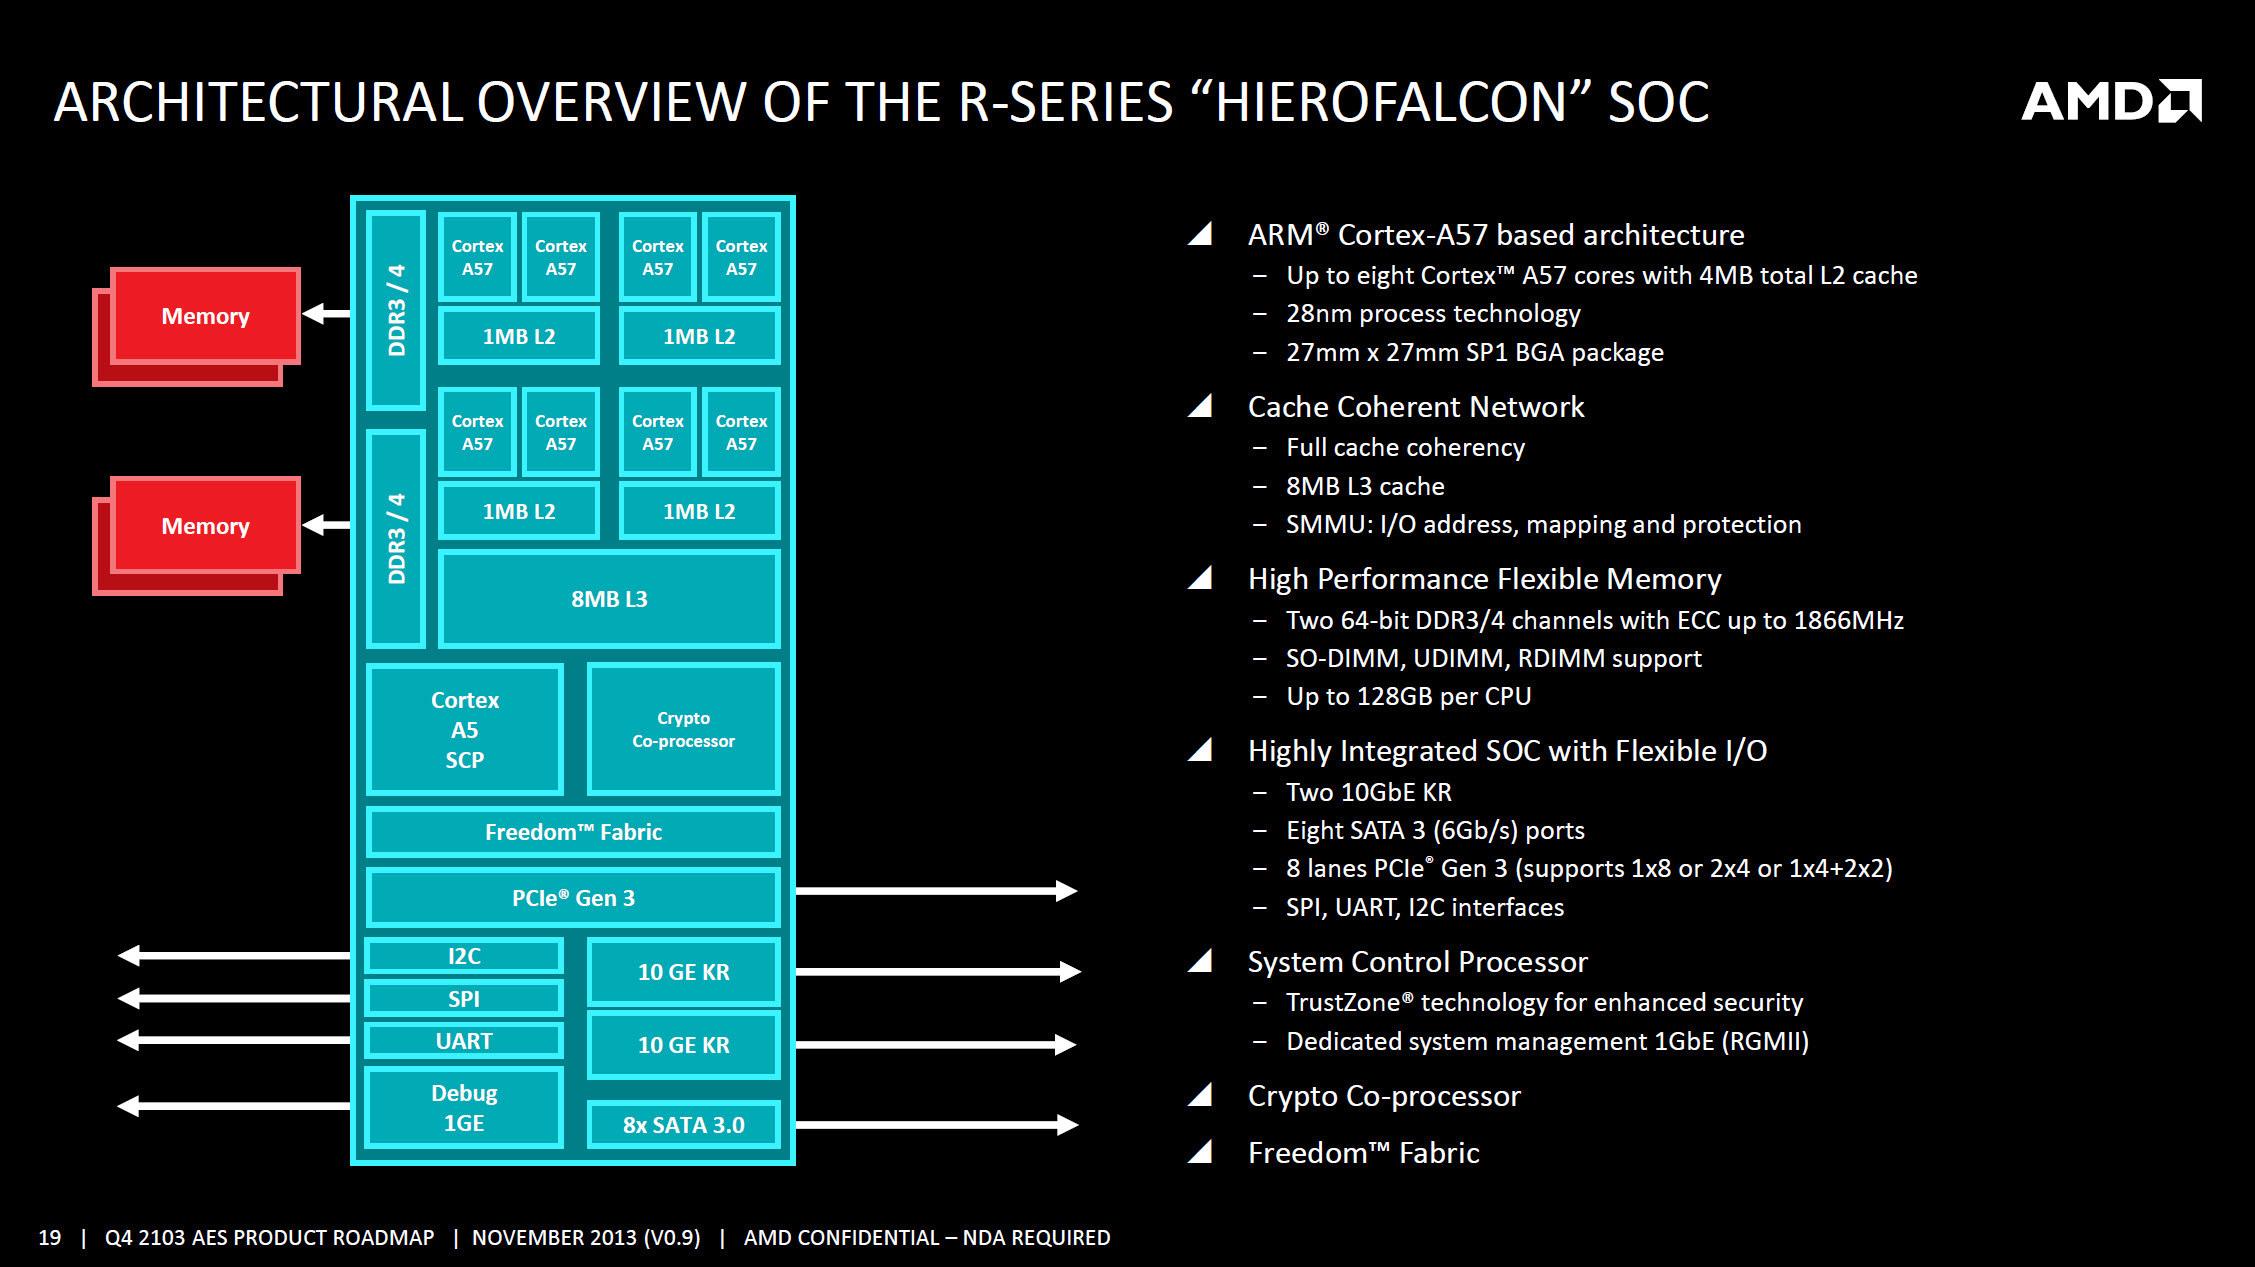 """AMD R-Series """"Hierofalcon"""" SoC Block Diagram (Click to Enlarge)"""